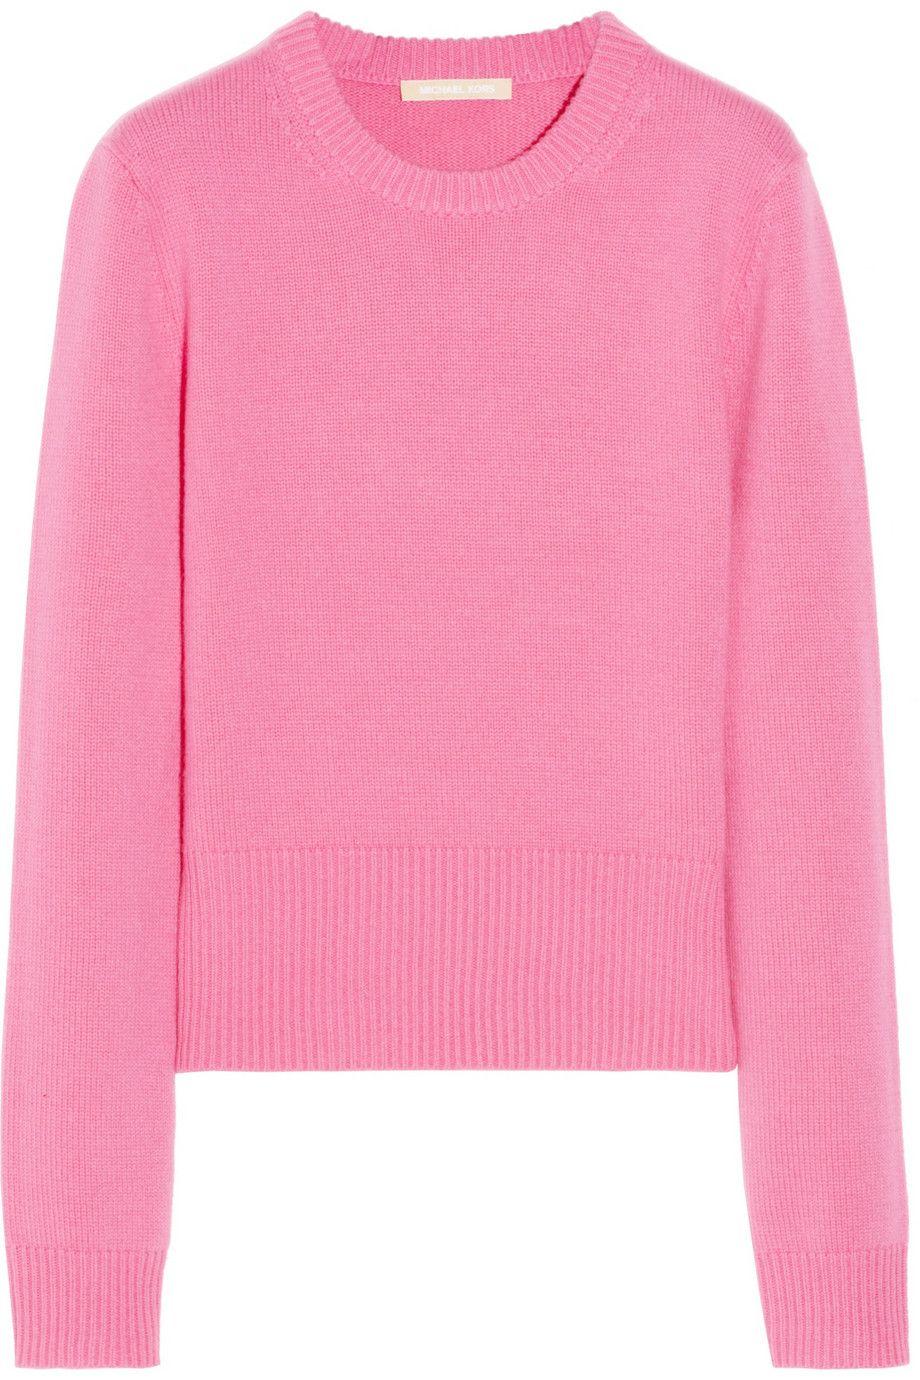 72c23d57f3 Bubblegum  pink Cashmere sweater